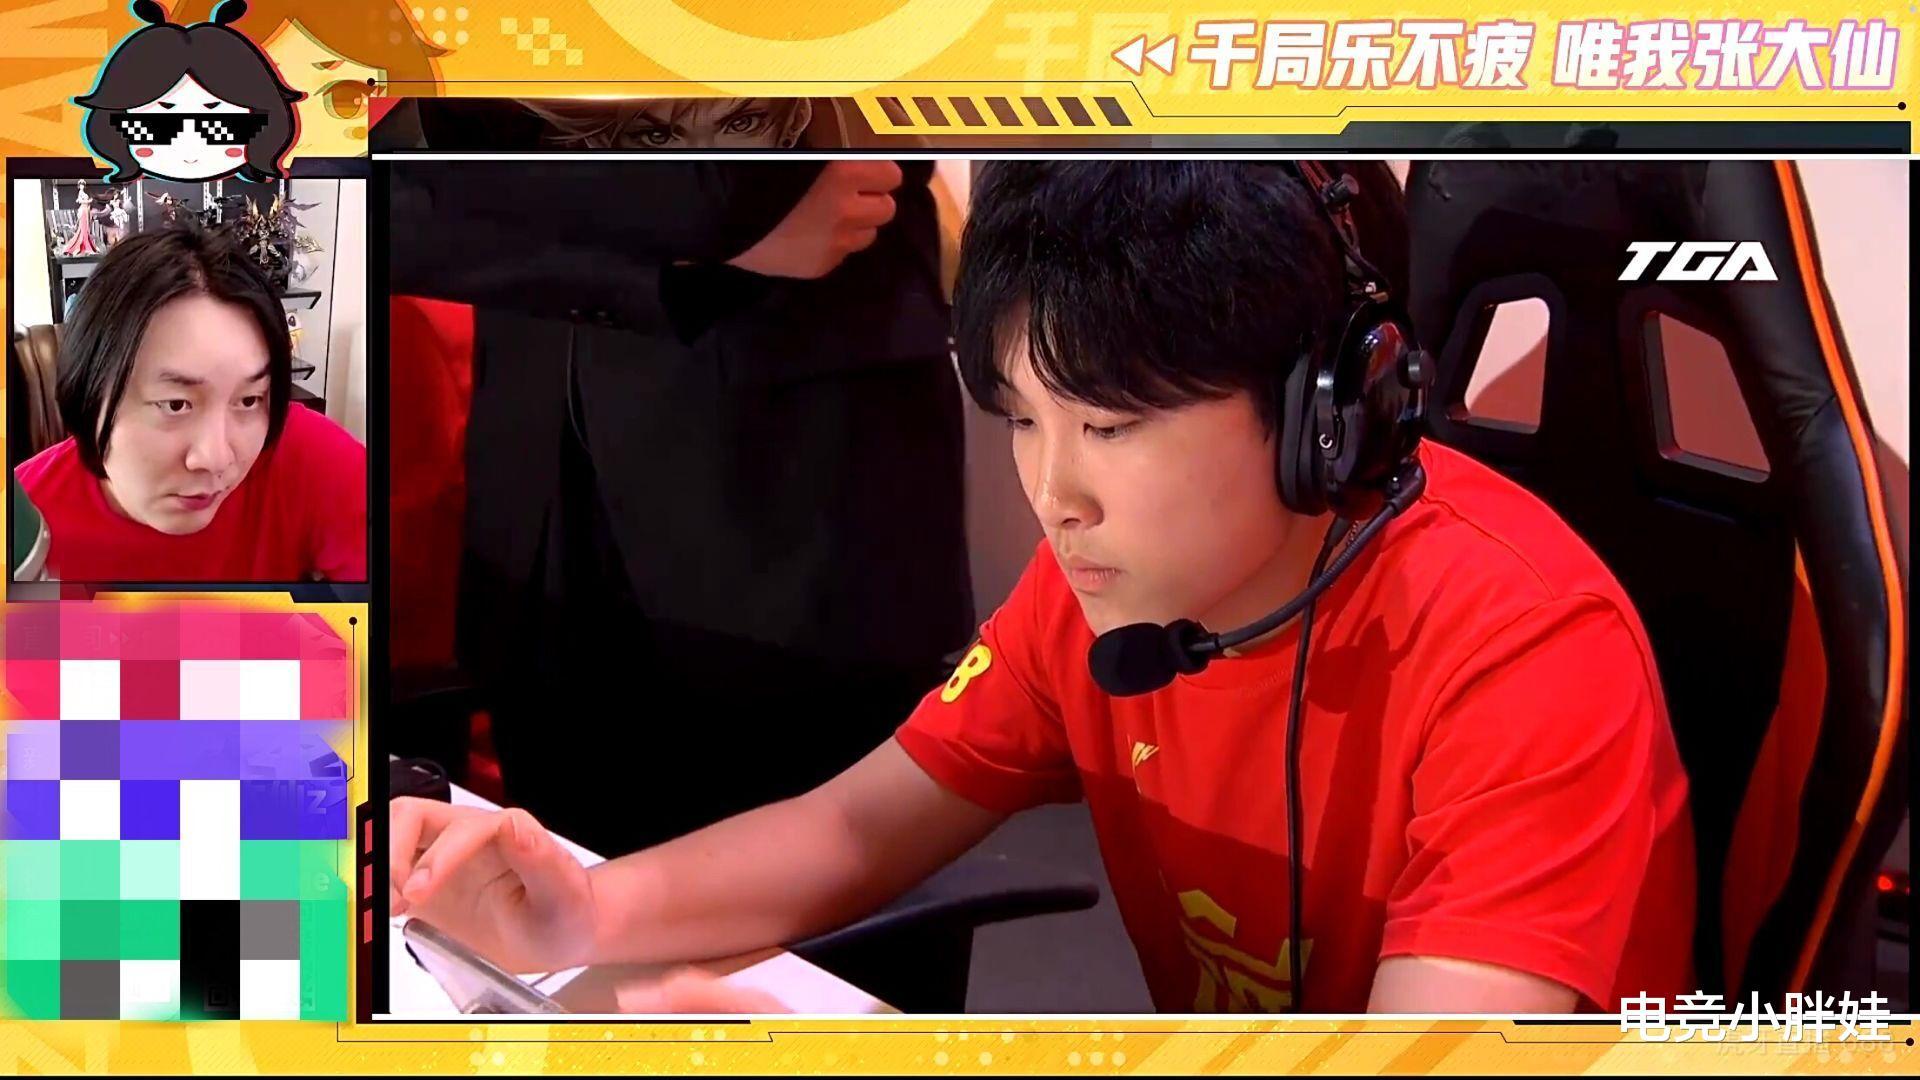 張大仙XYG戰隊獲得冠軍,解說比賽時要教秀豆玩射手,仙友:你是認真的麼-圖2